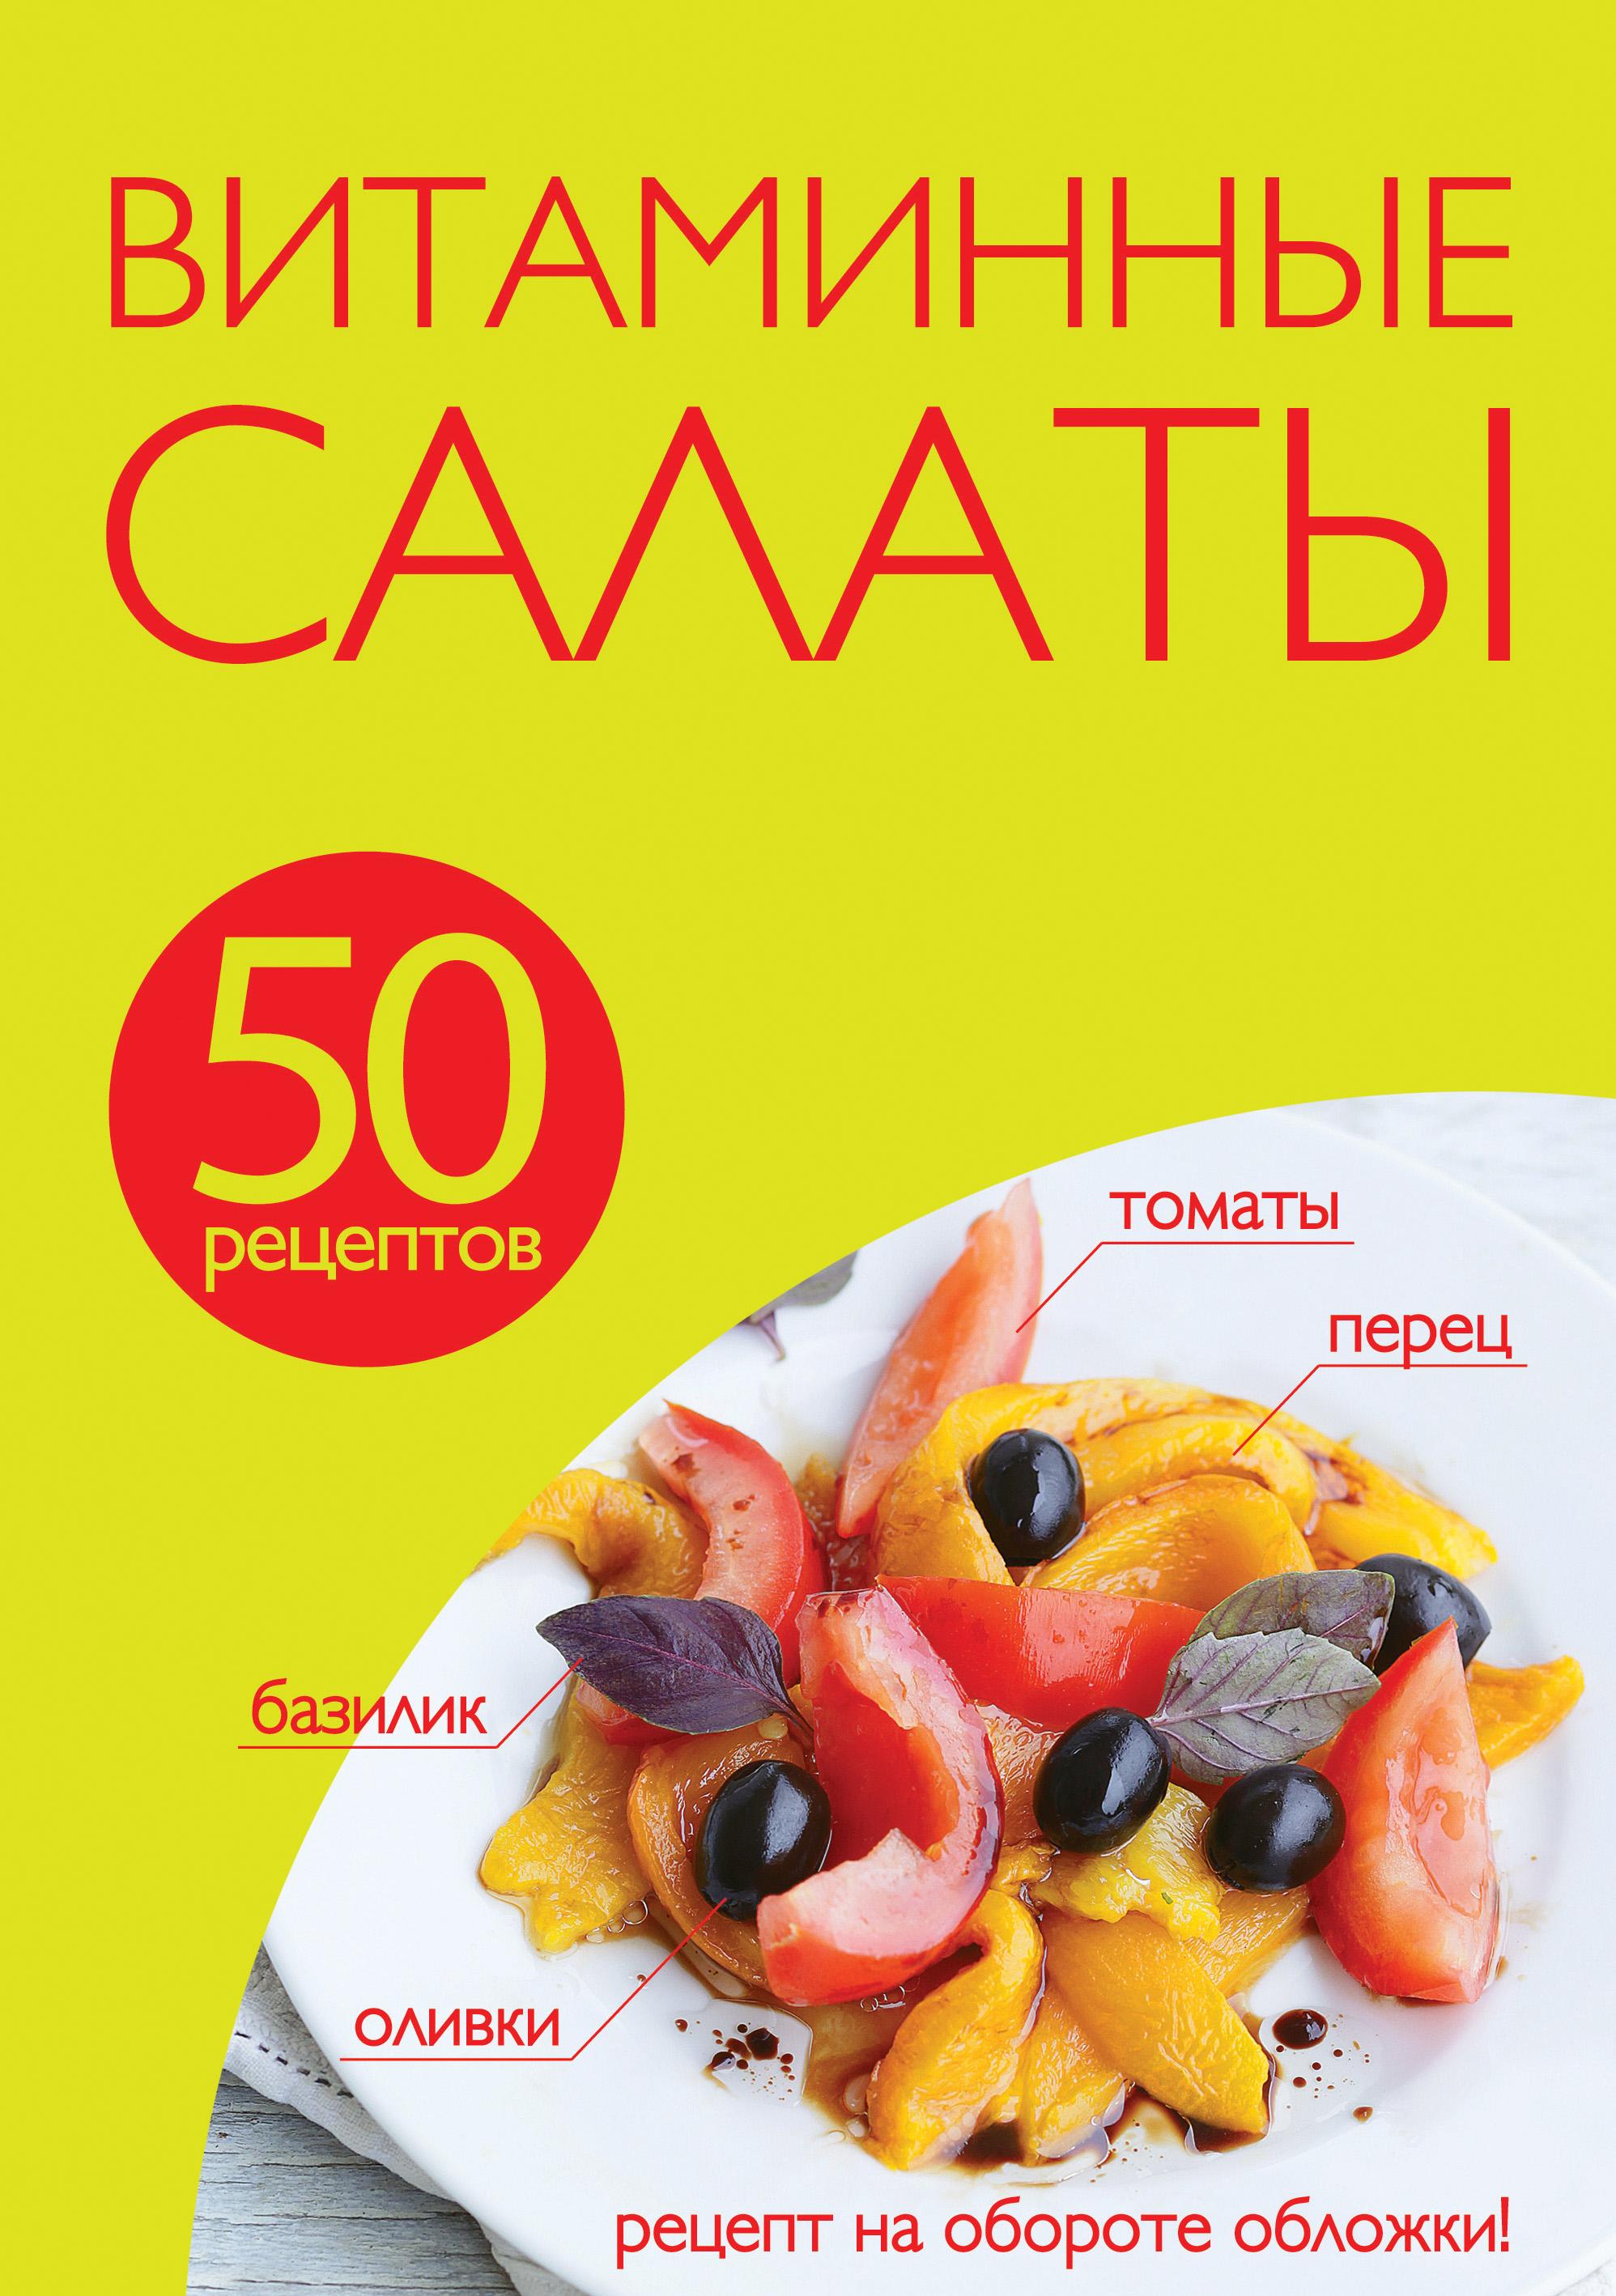 50 рецептов. Витаминные салаты ольхов о праздничные блюда на вашем столе